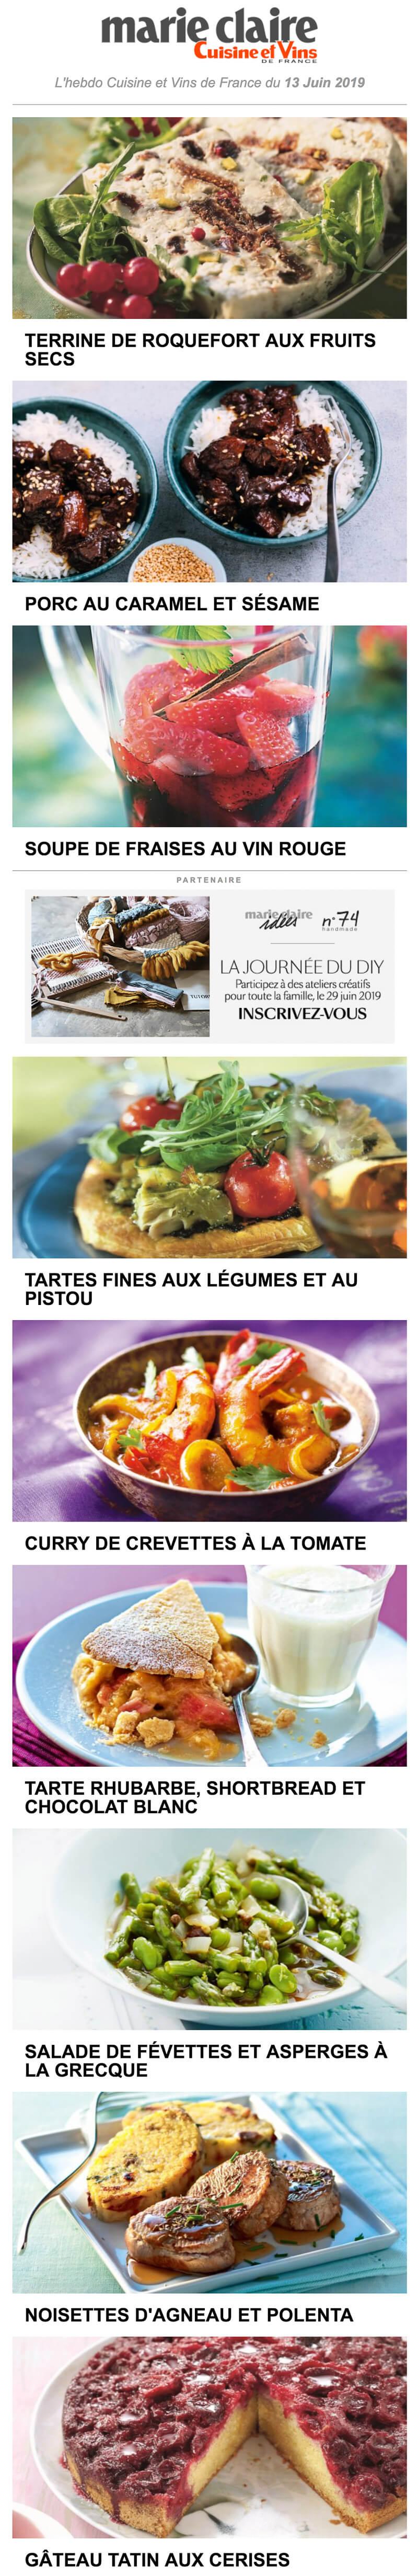 Newsletter Marie Claire Cuisine Et Vins De France Recevoir L